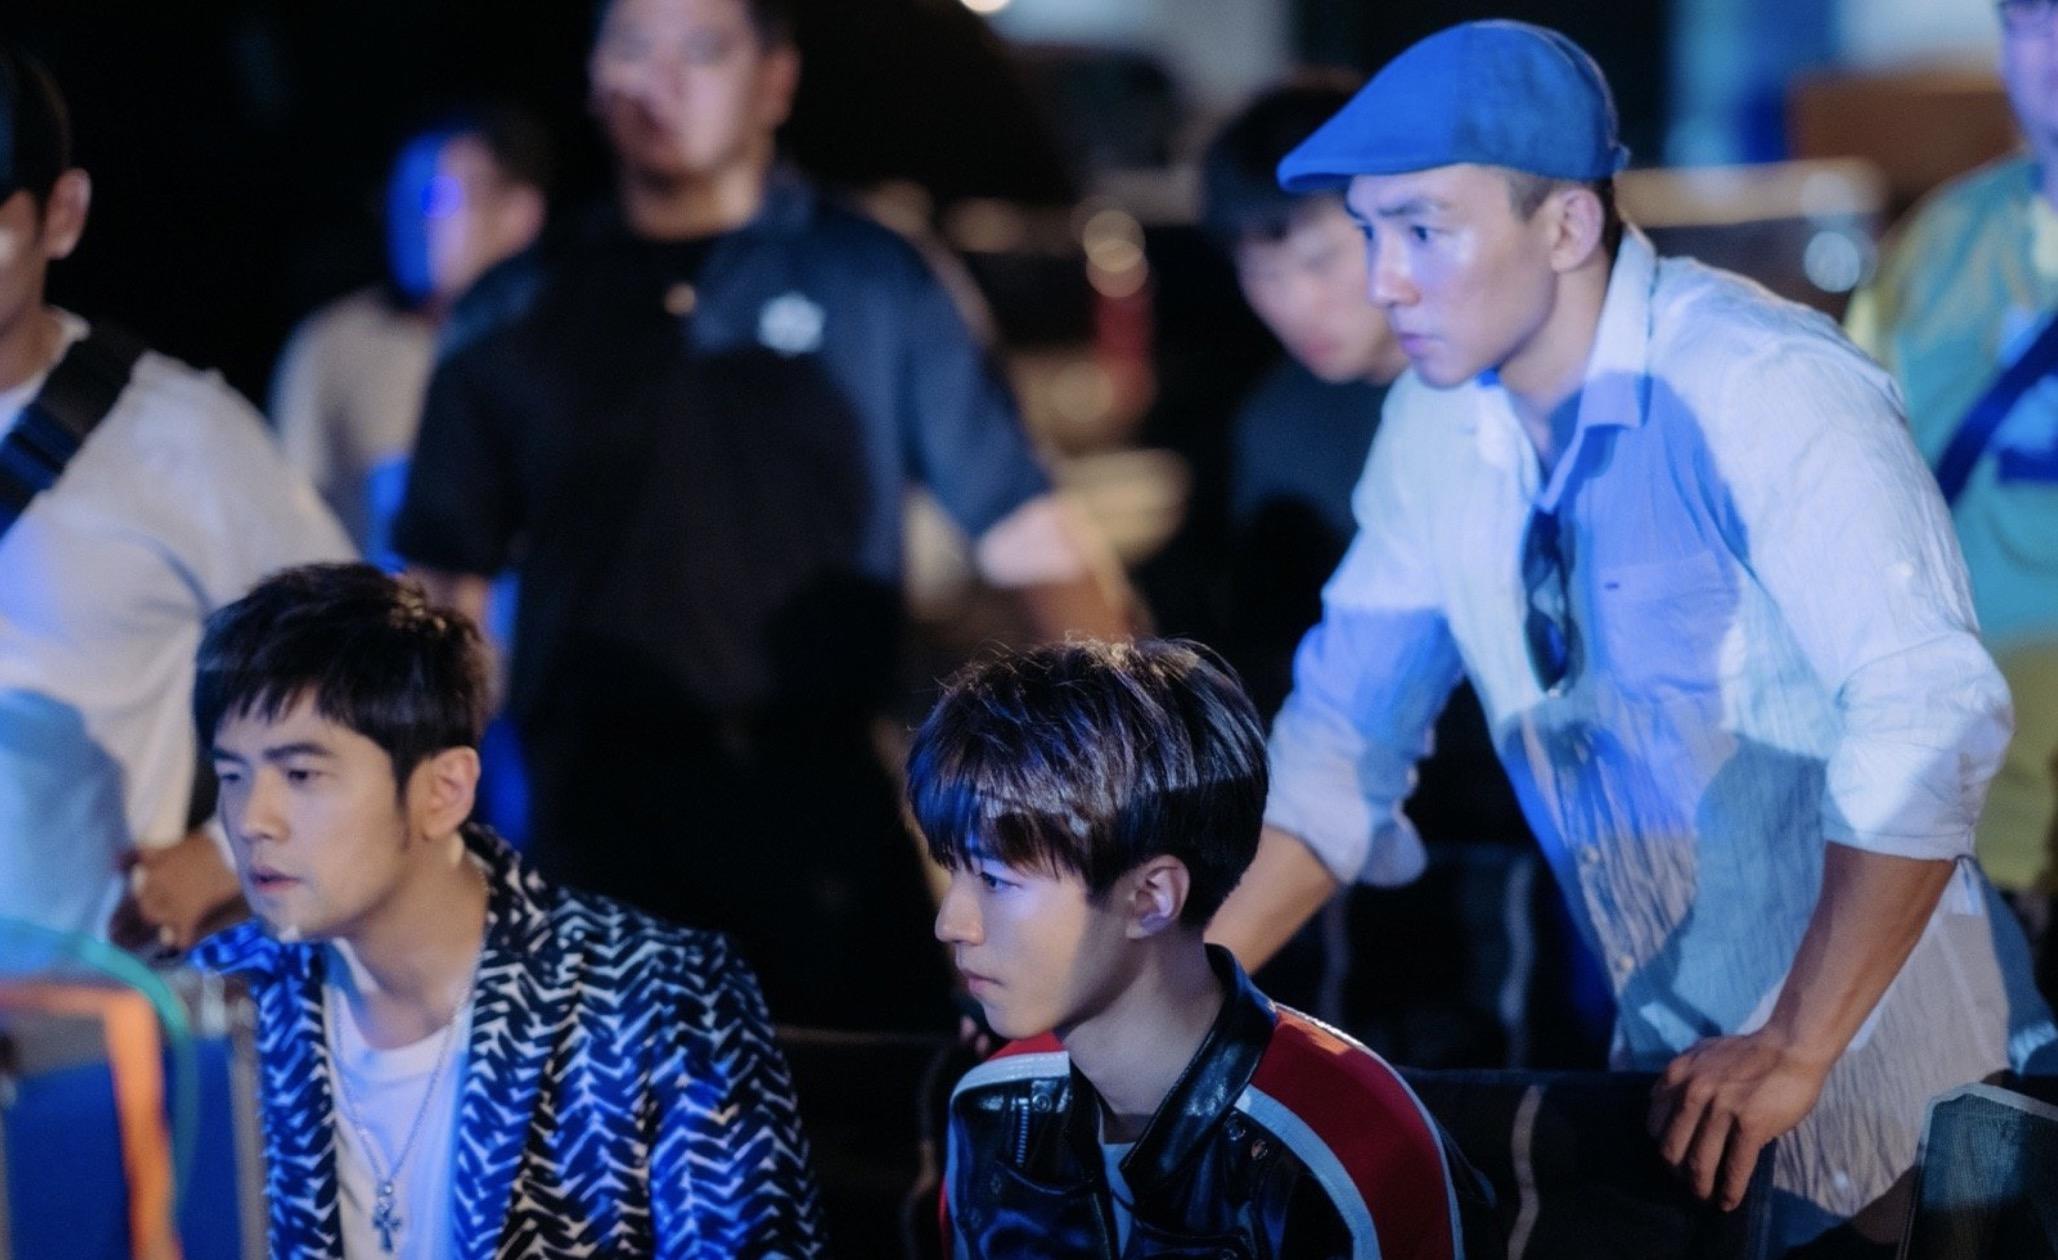 周杰伦王俊凯比剪刀手,首次合作电影,一个当监制一个特别演出